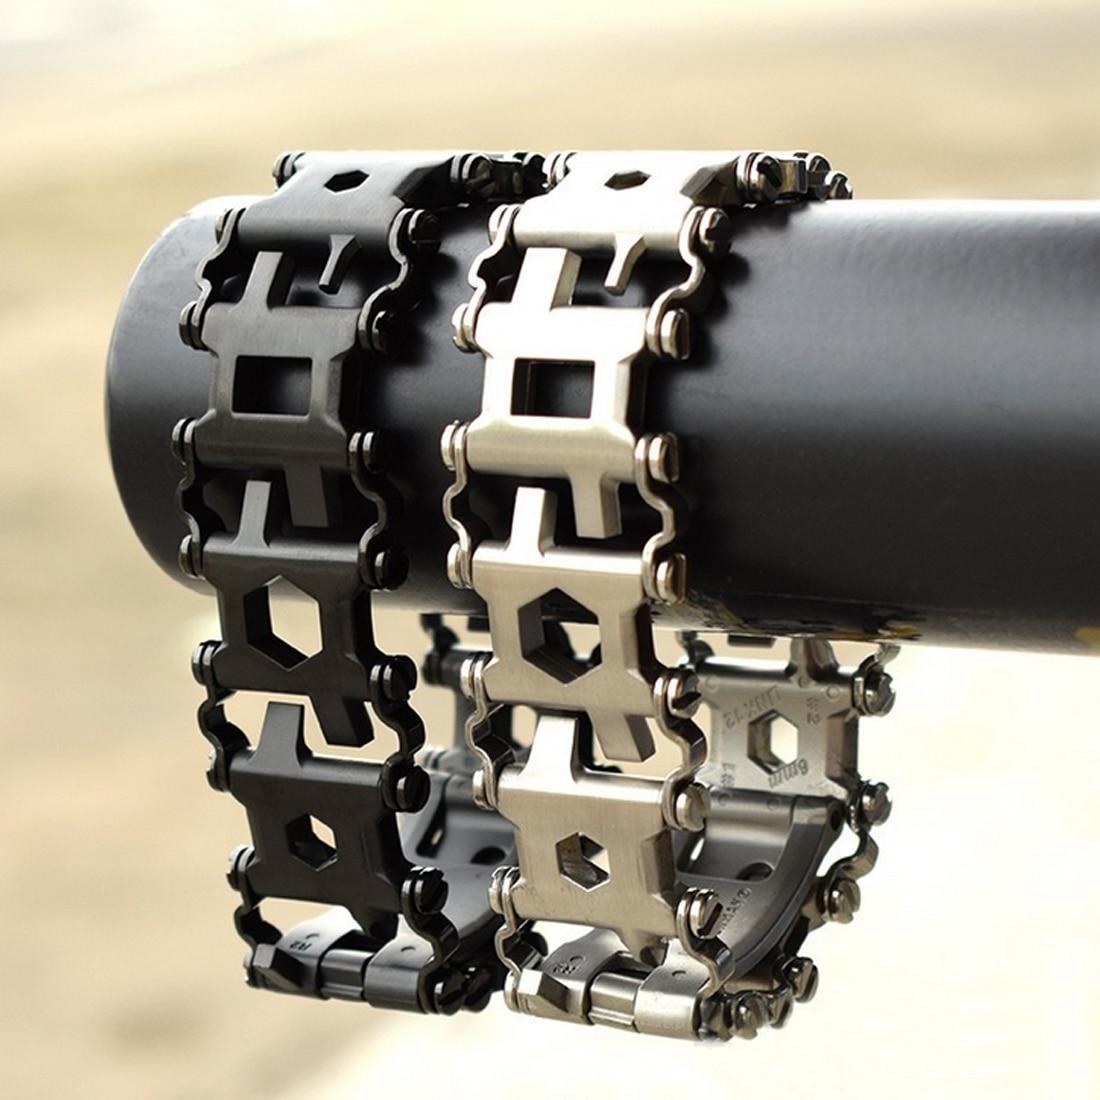 29 in1 Multifonctionnel Bracelet En Acier Inoxydable De Réparation D'outils À Main Clé Tournevis Décapsuleur D'urgence En Plein Air Outil